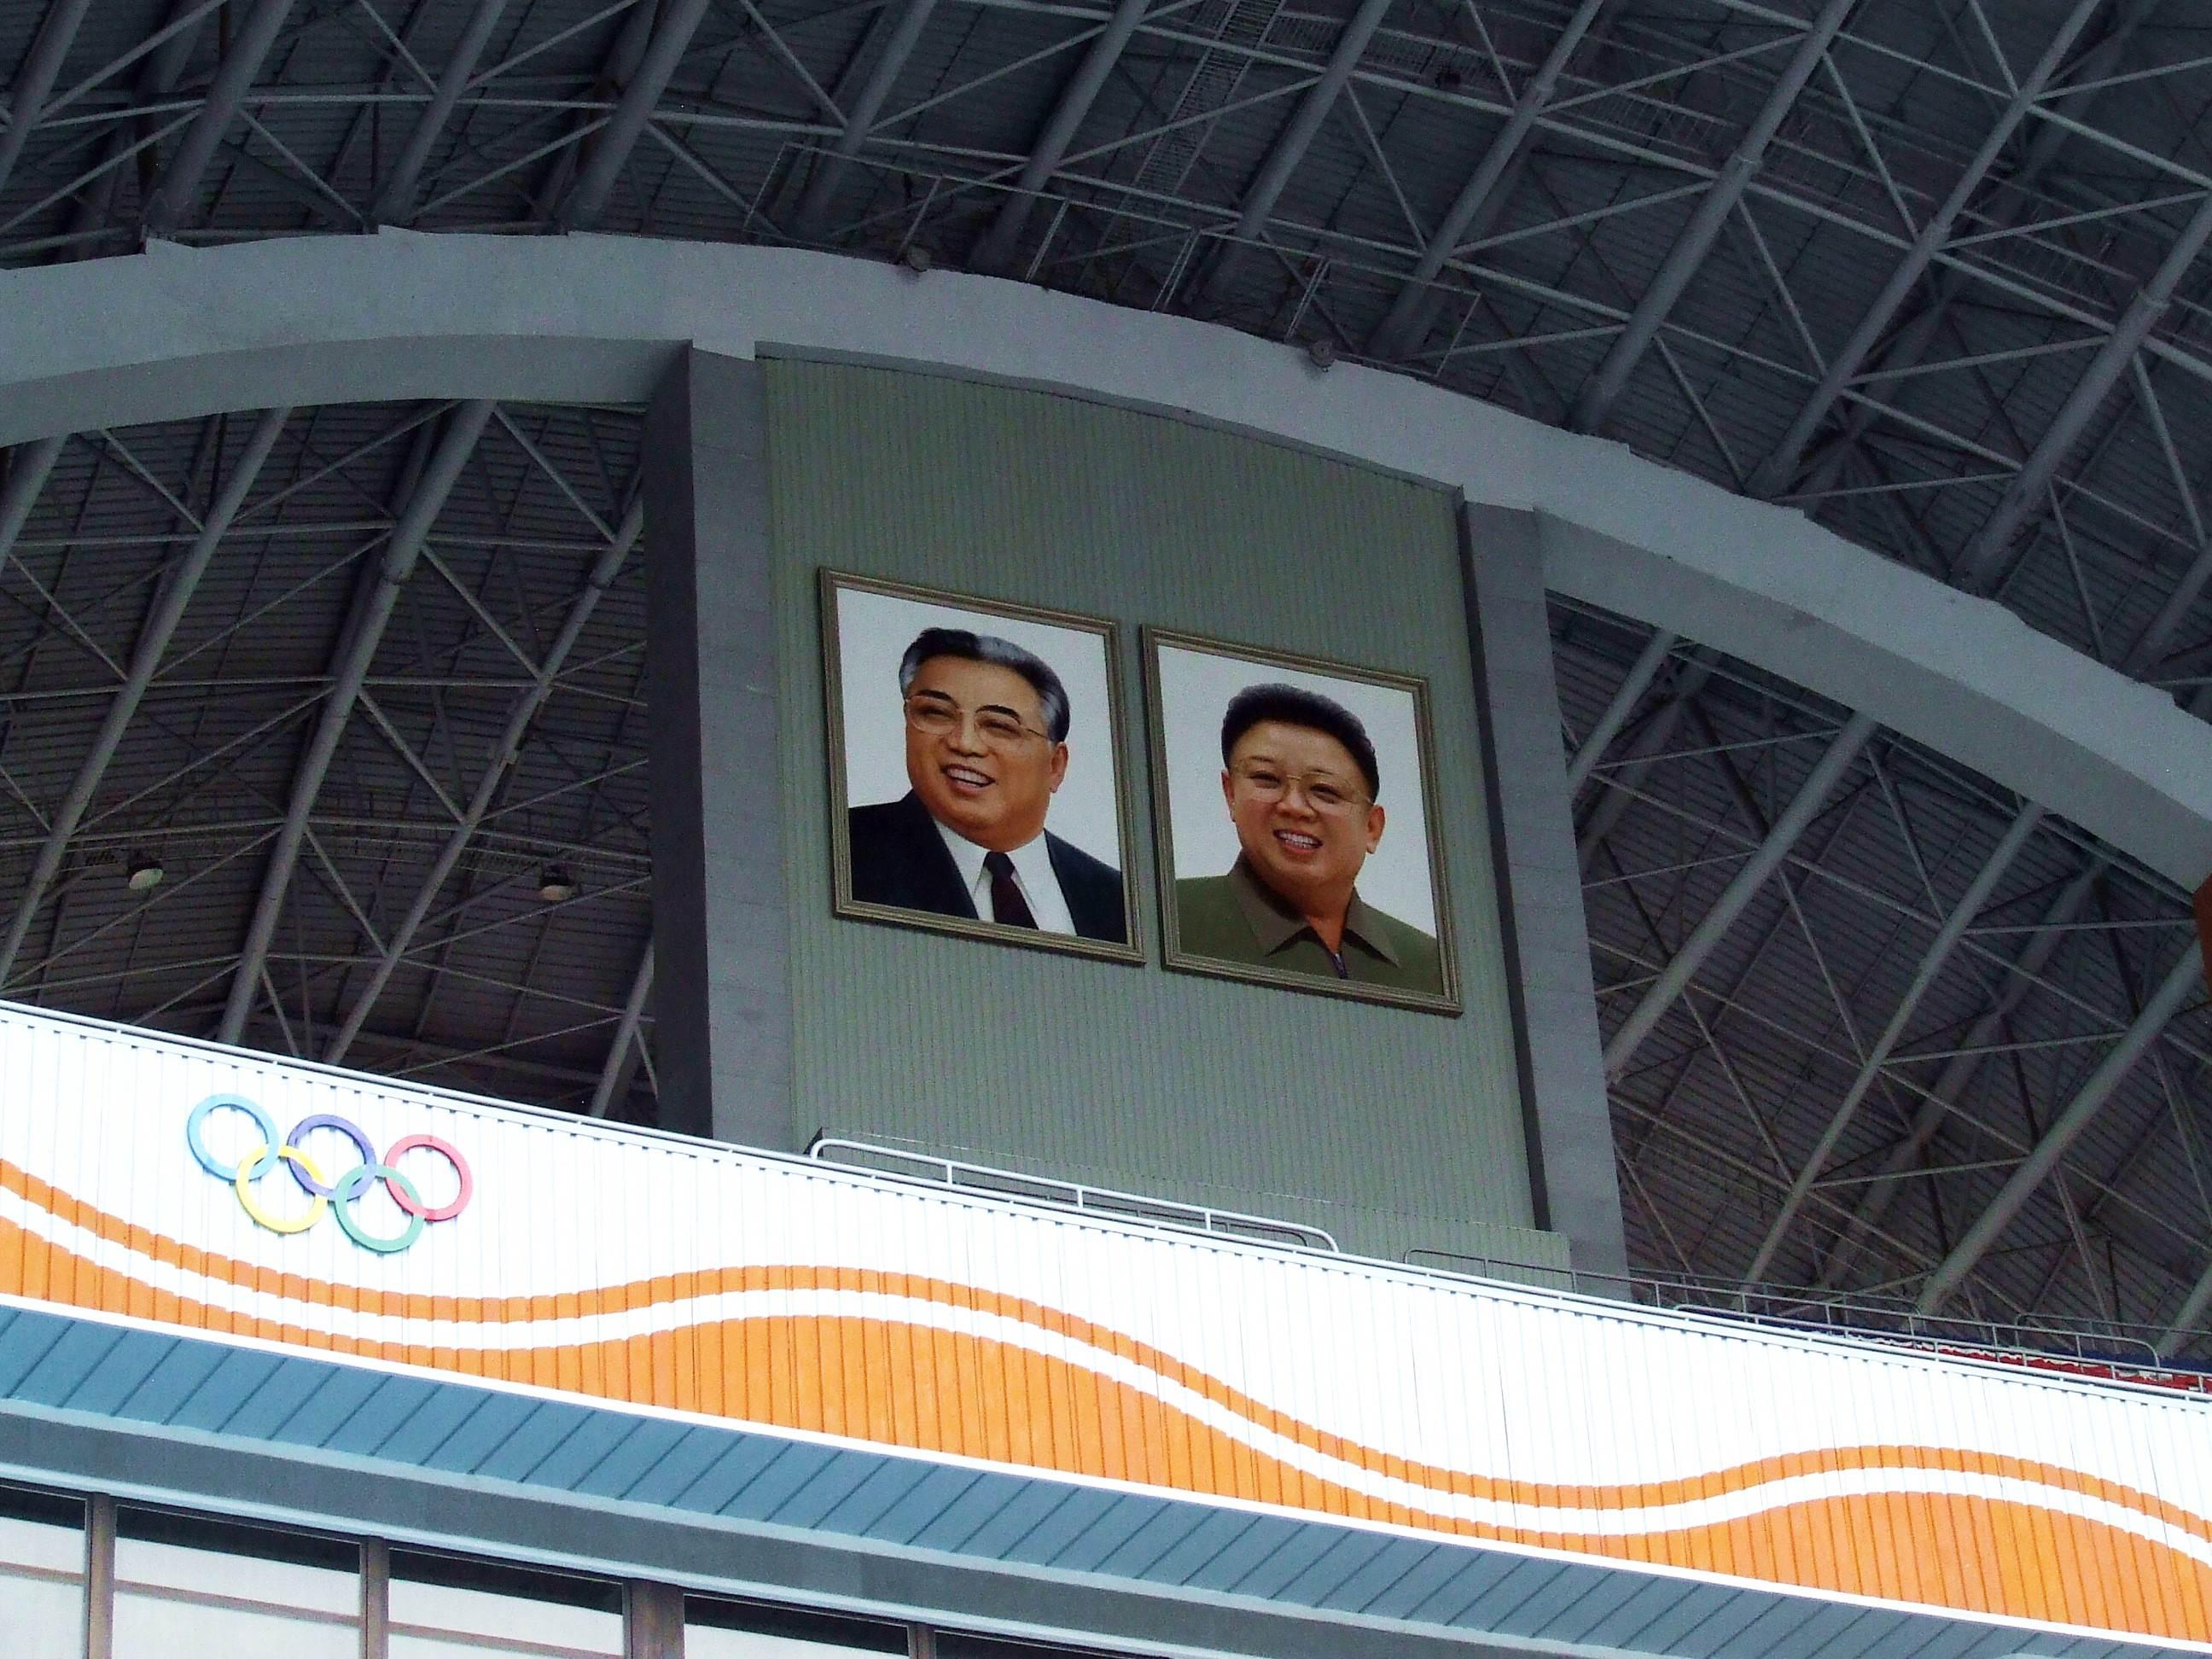 Portrety byłych przywódców Korei Północnej